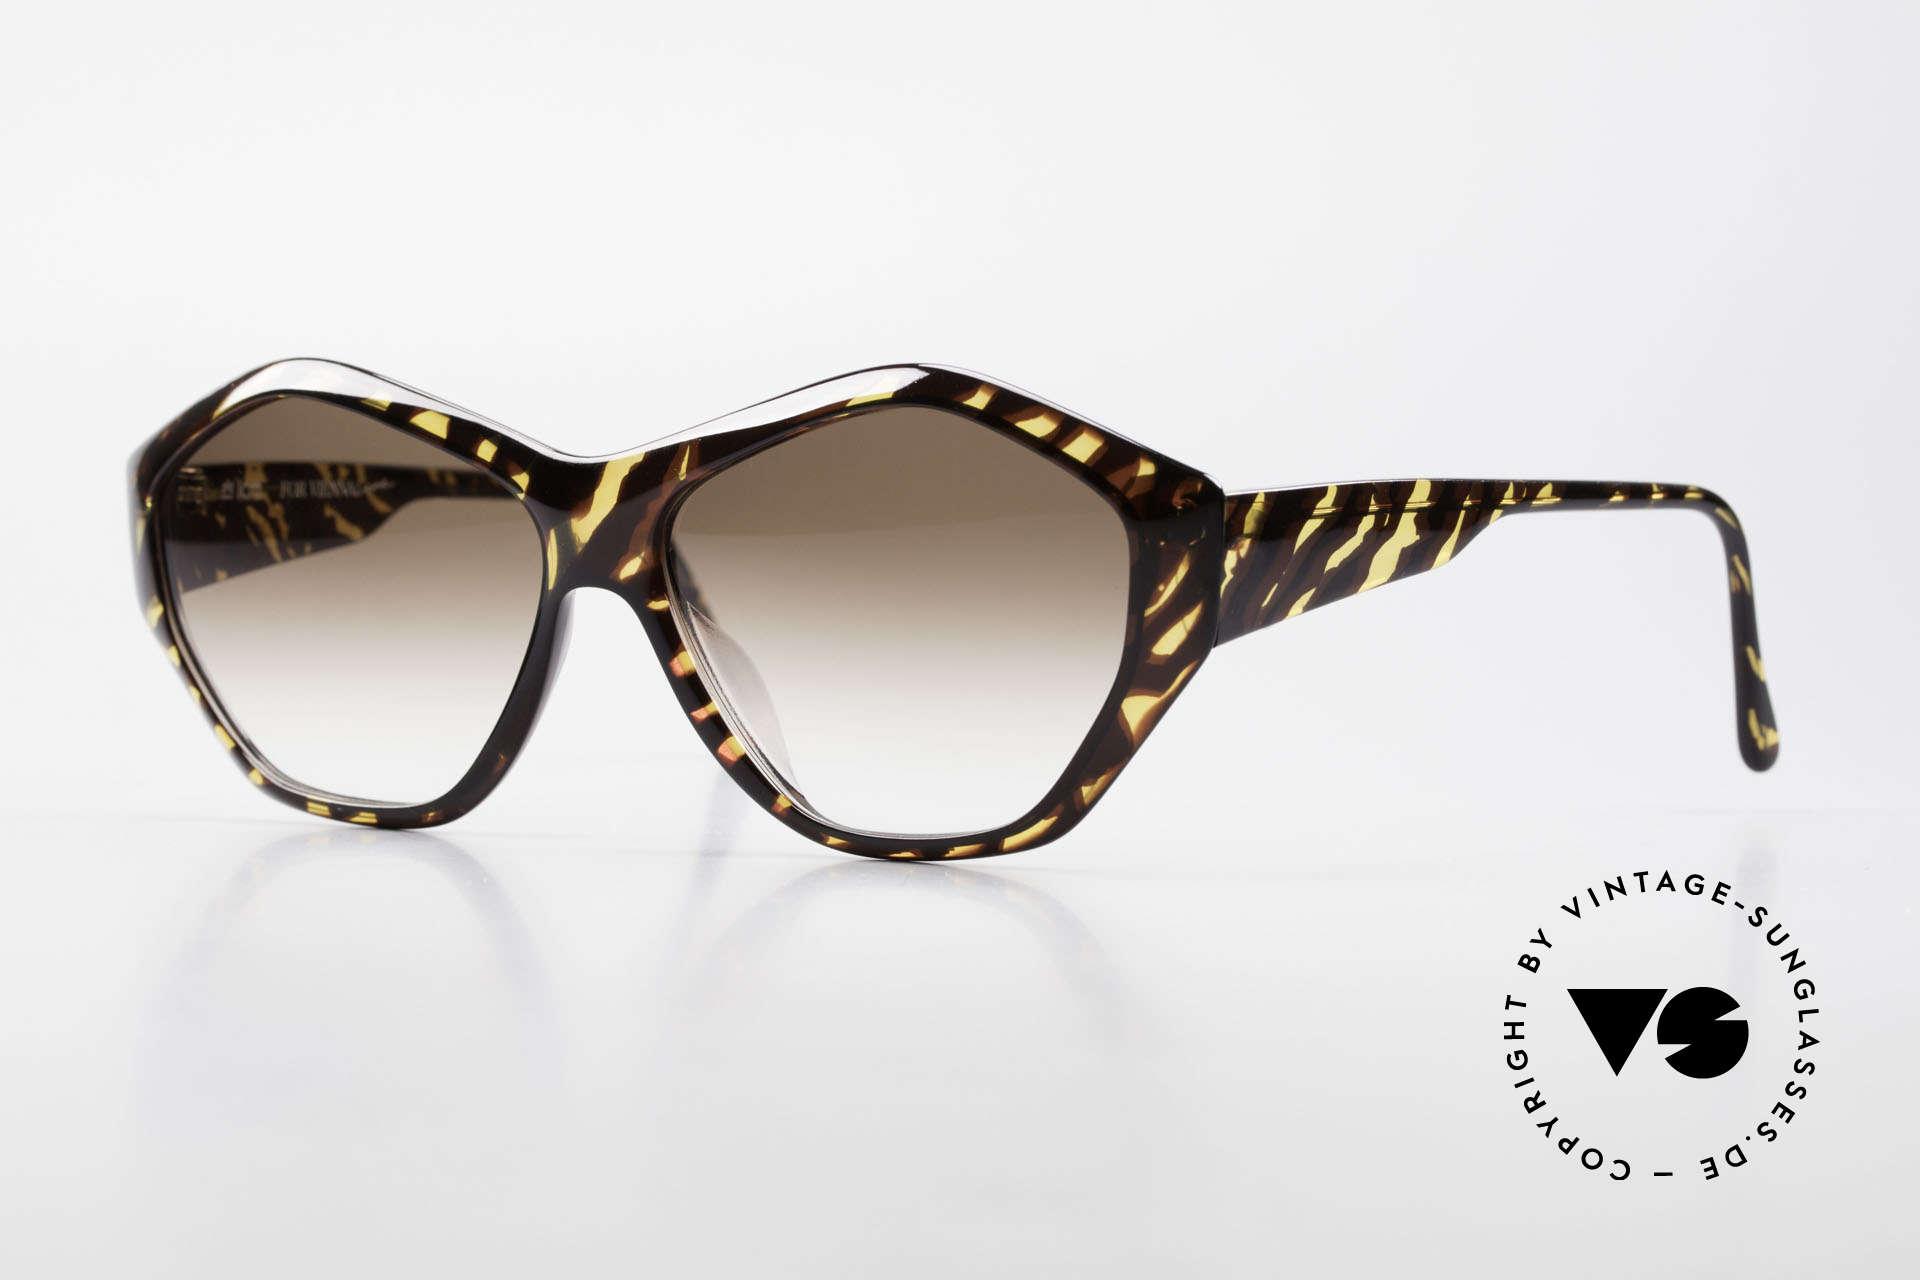 Paloma Picasso 1463 90er Optyl Sonnenbrille Damen, Damen Designer-Sonnenbrille von Paloma Picasso, Passend für Damen